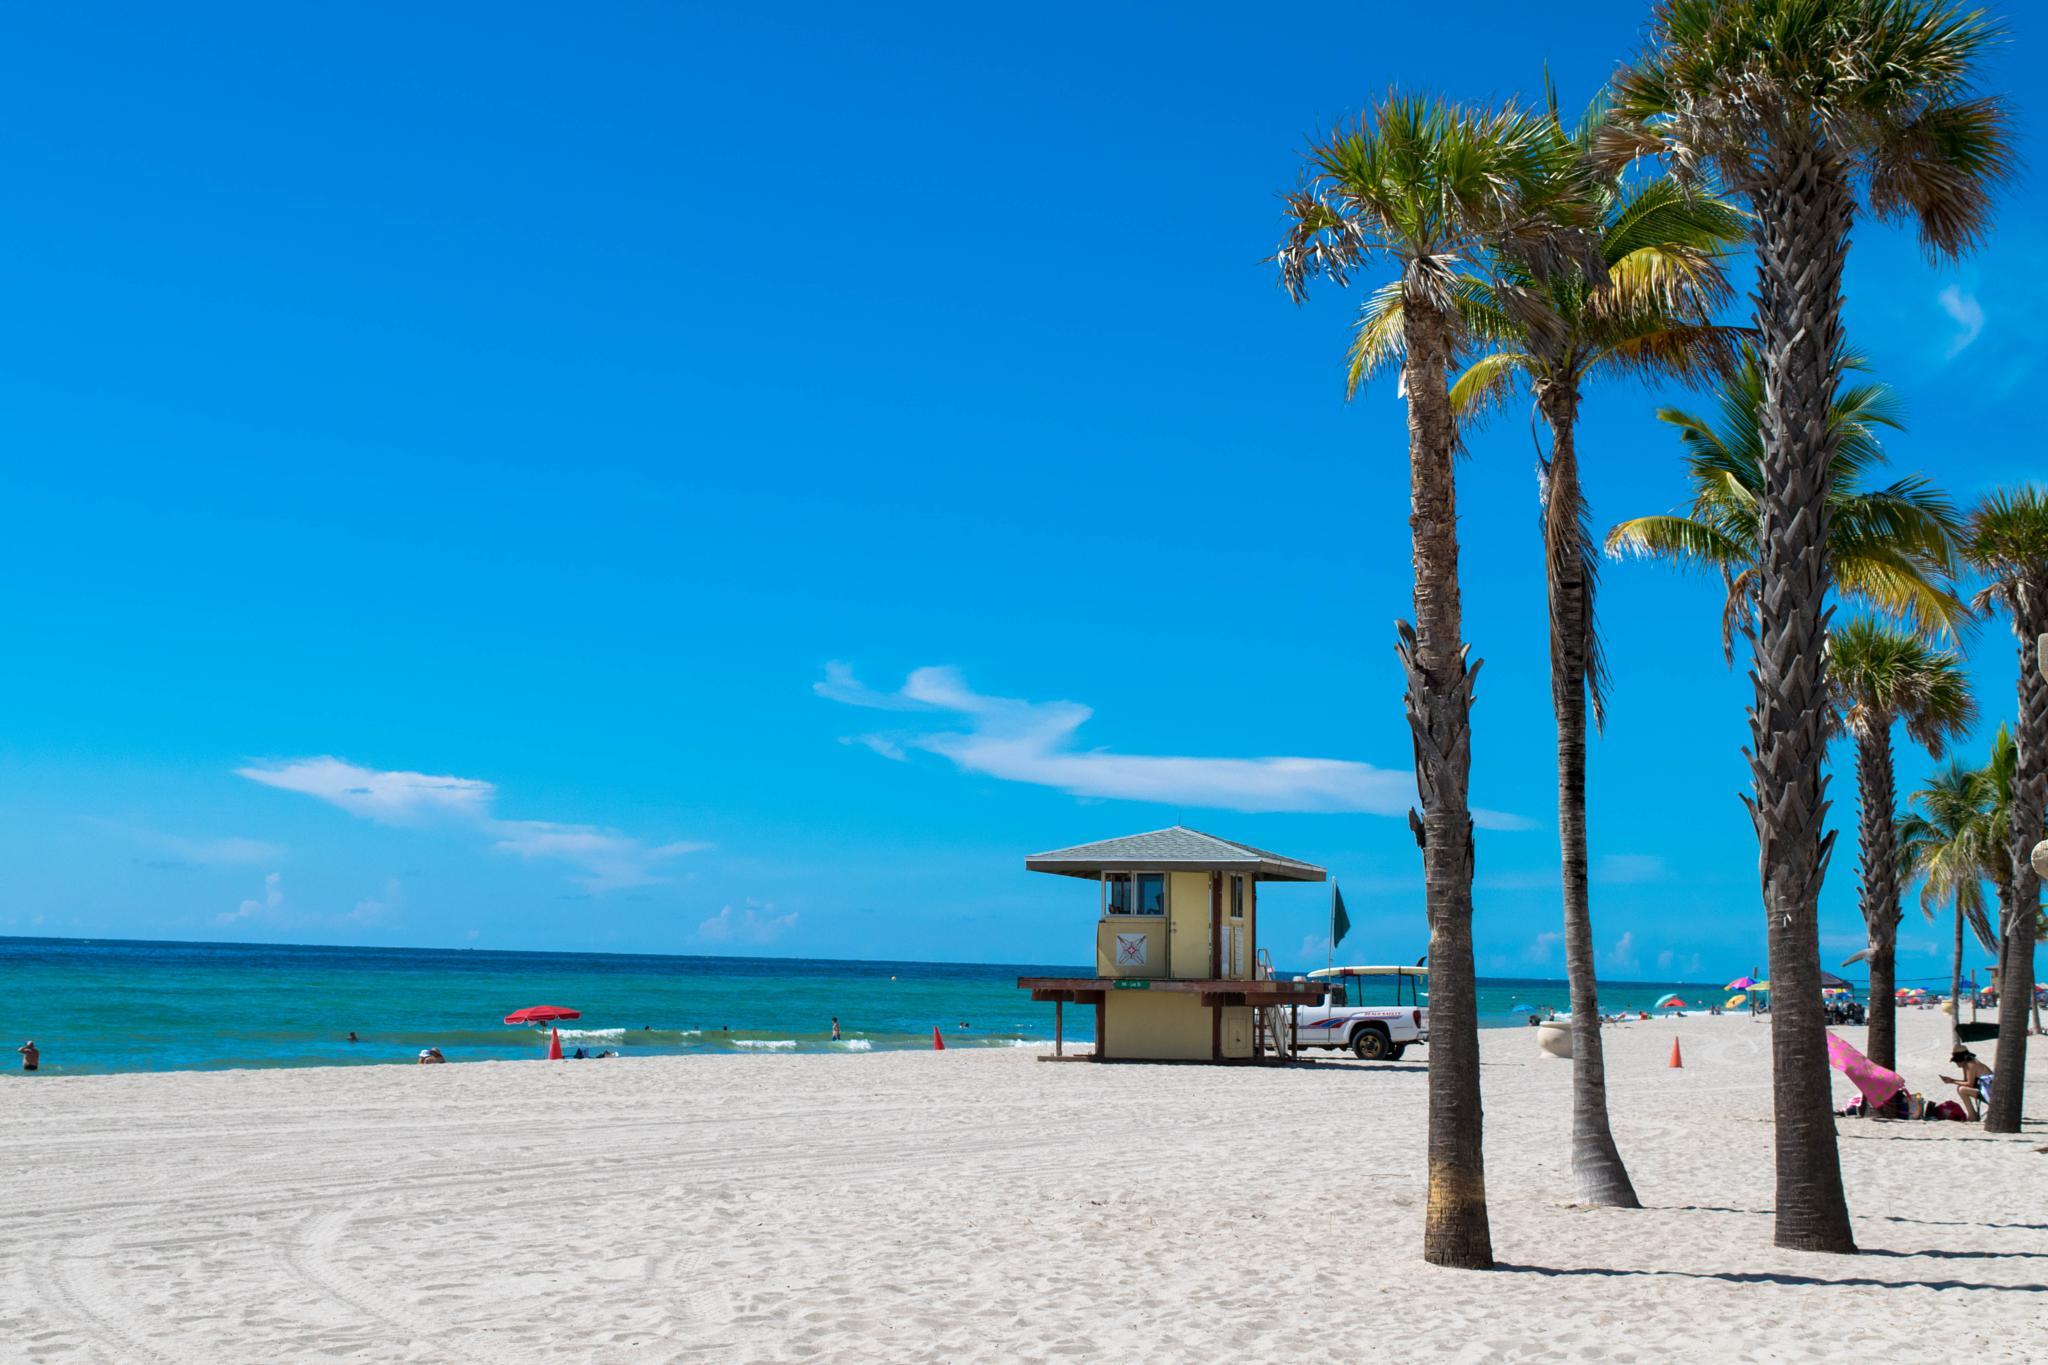 Beach by Luis Gómez García